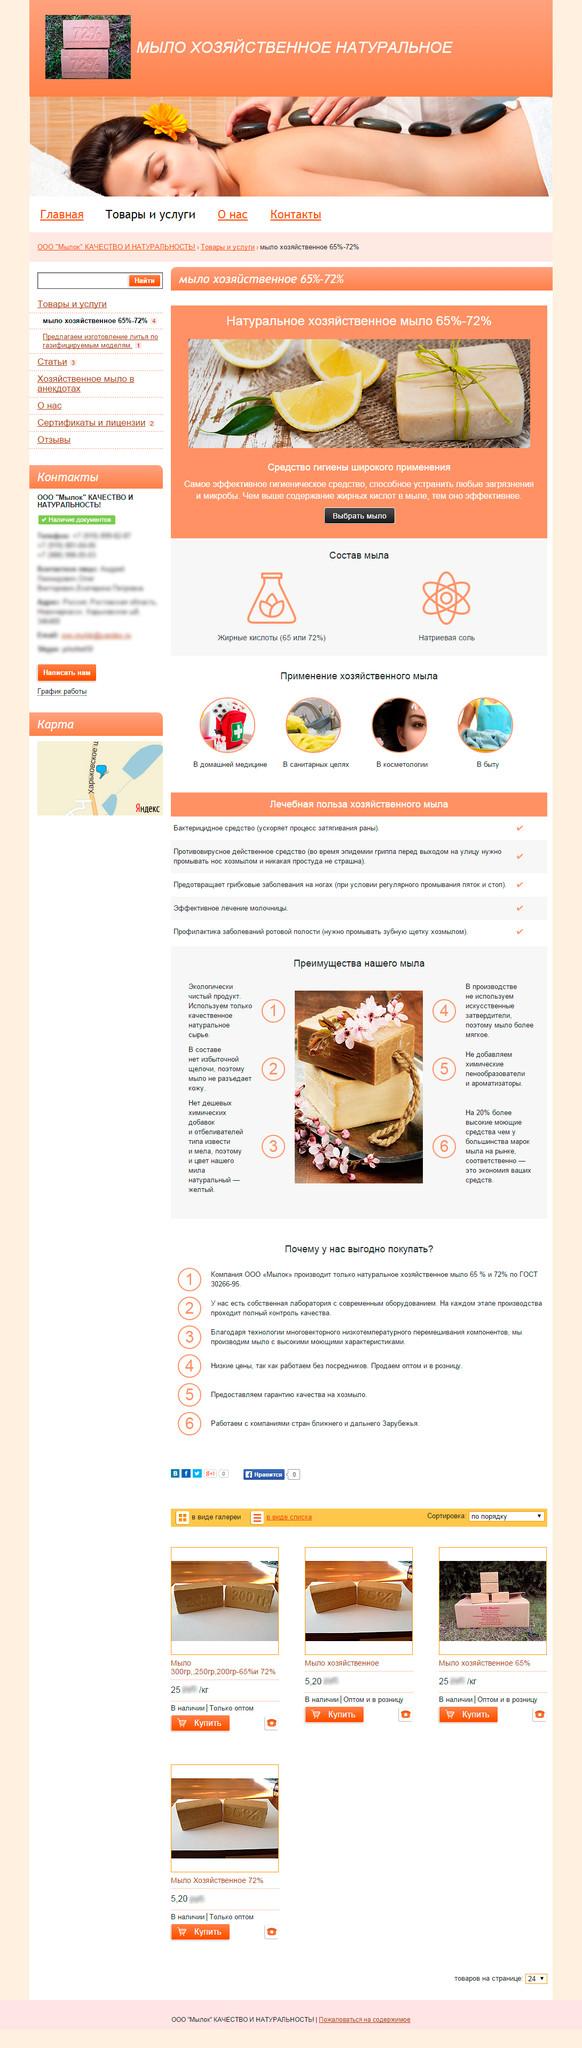 Оформление главной страницы сайта